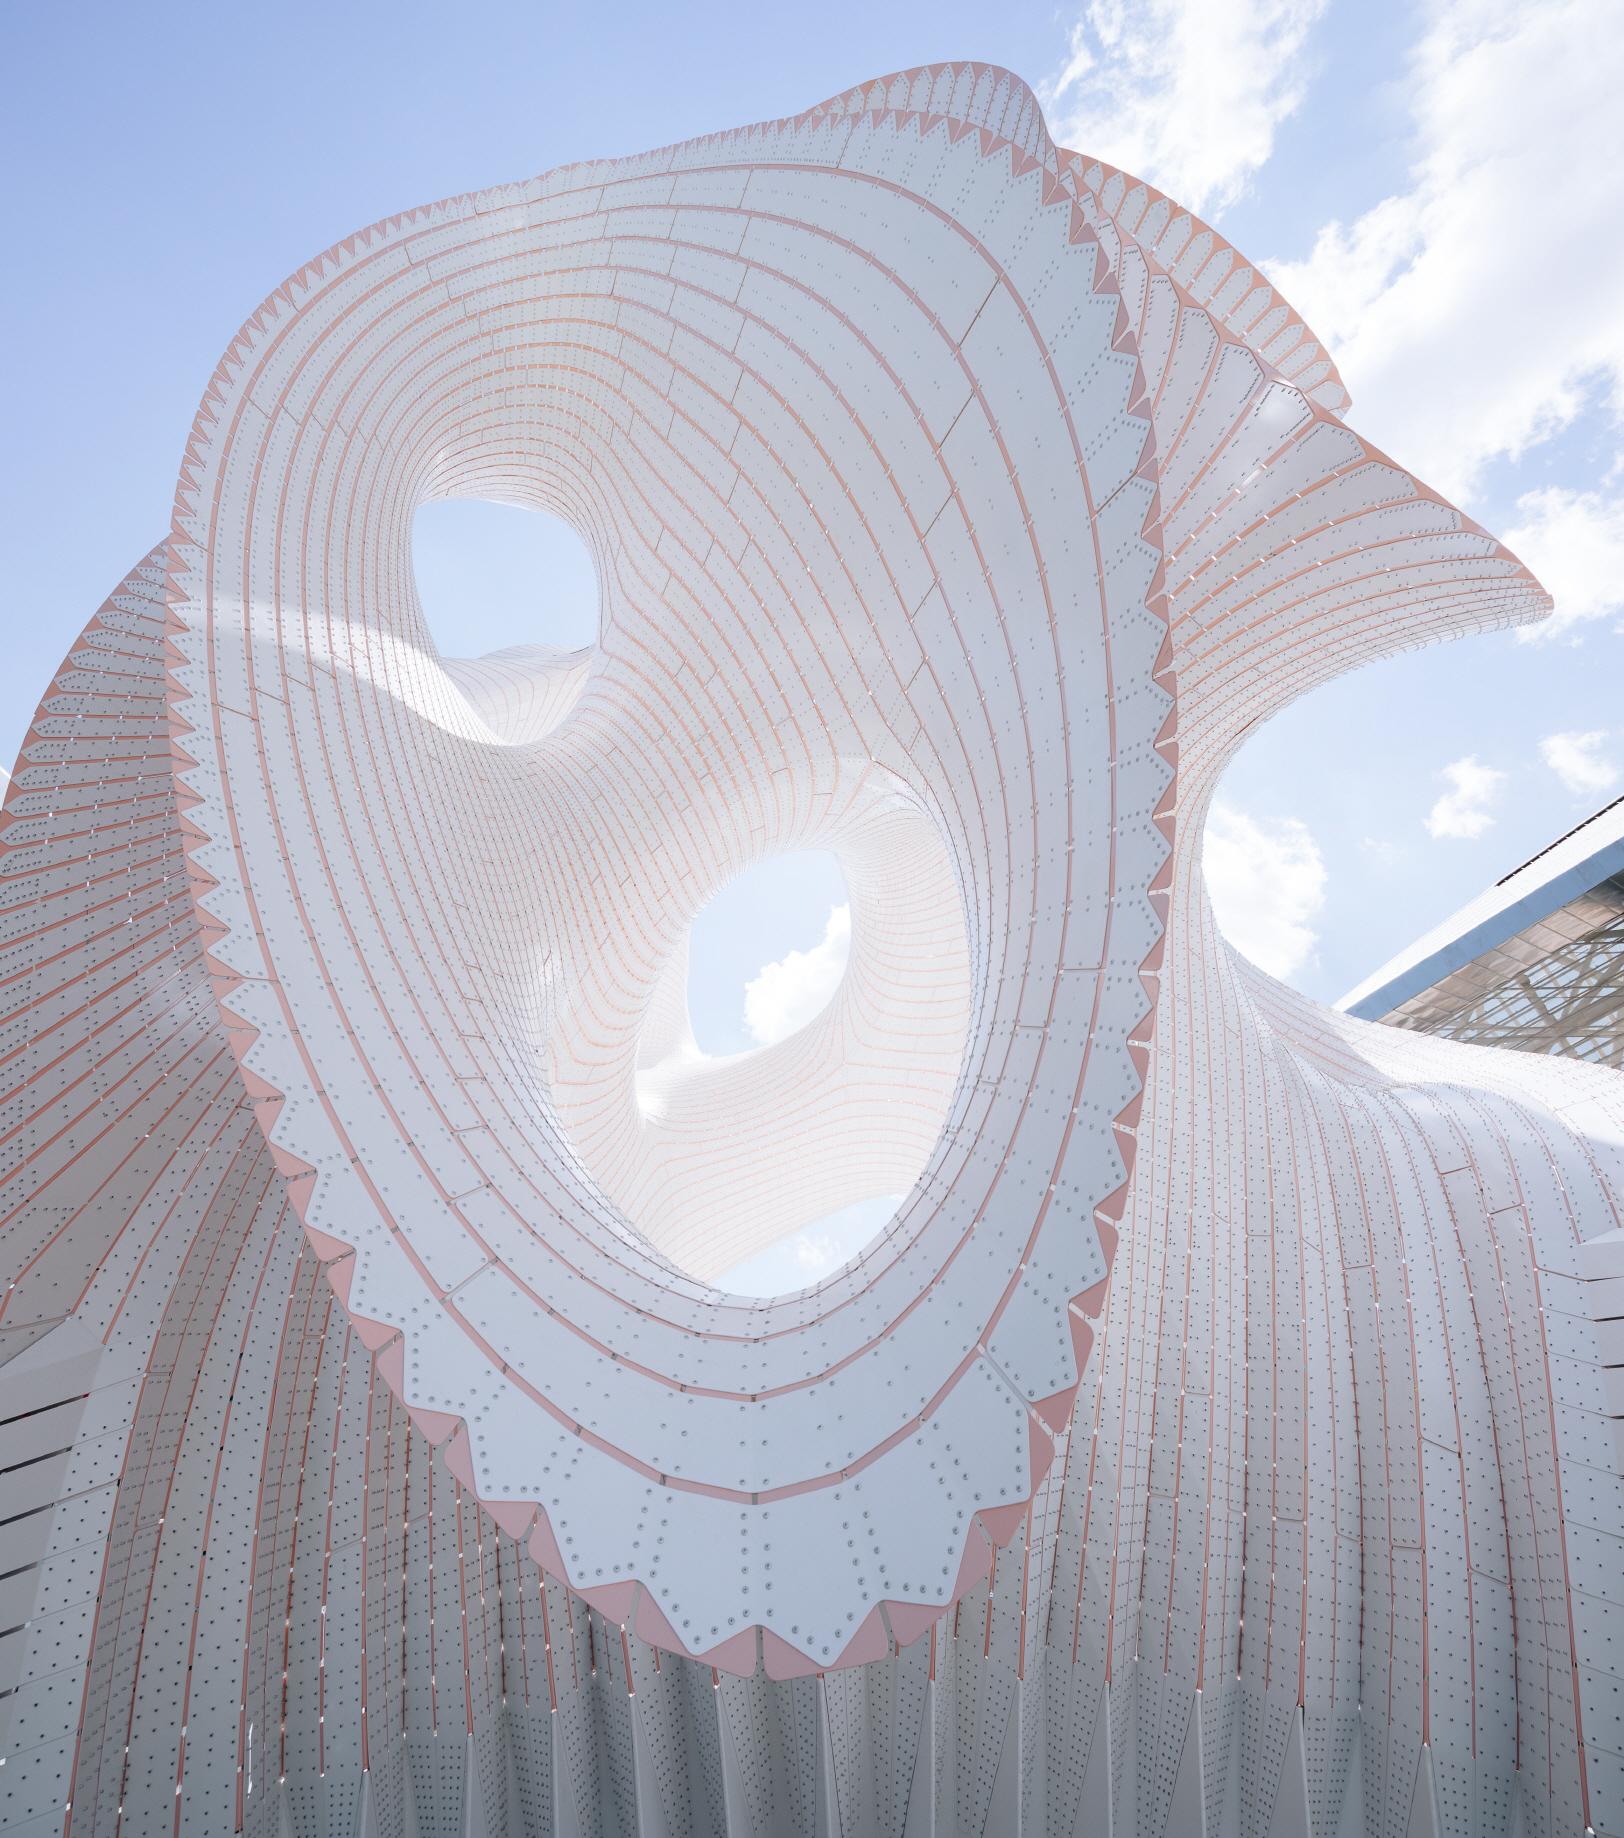 〔안정원의 디자인 칼럼〕 5321개의 수직적 스트라이프로 조합된 알루미늄 판의 구조물1